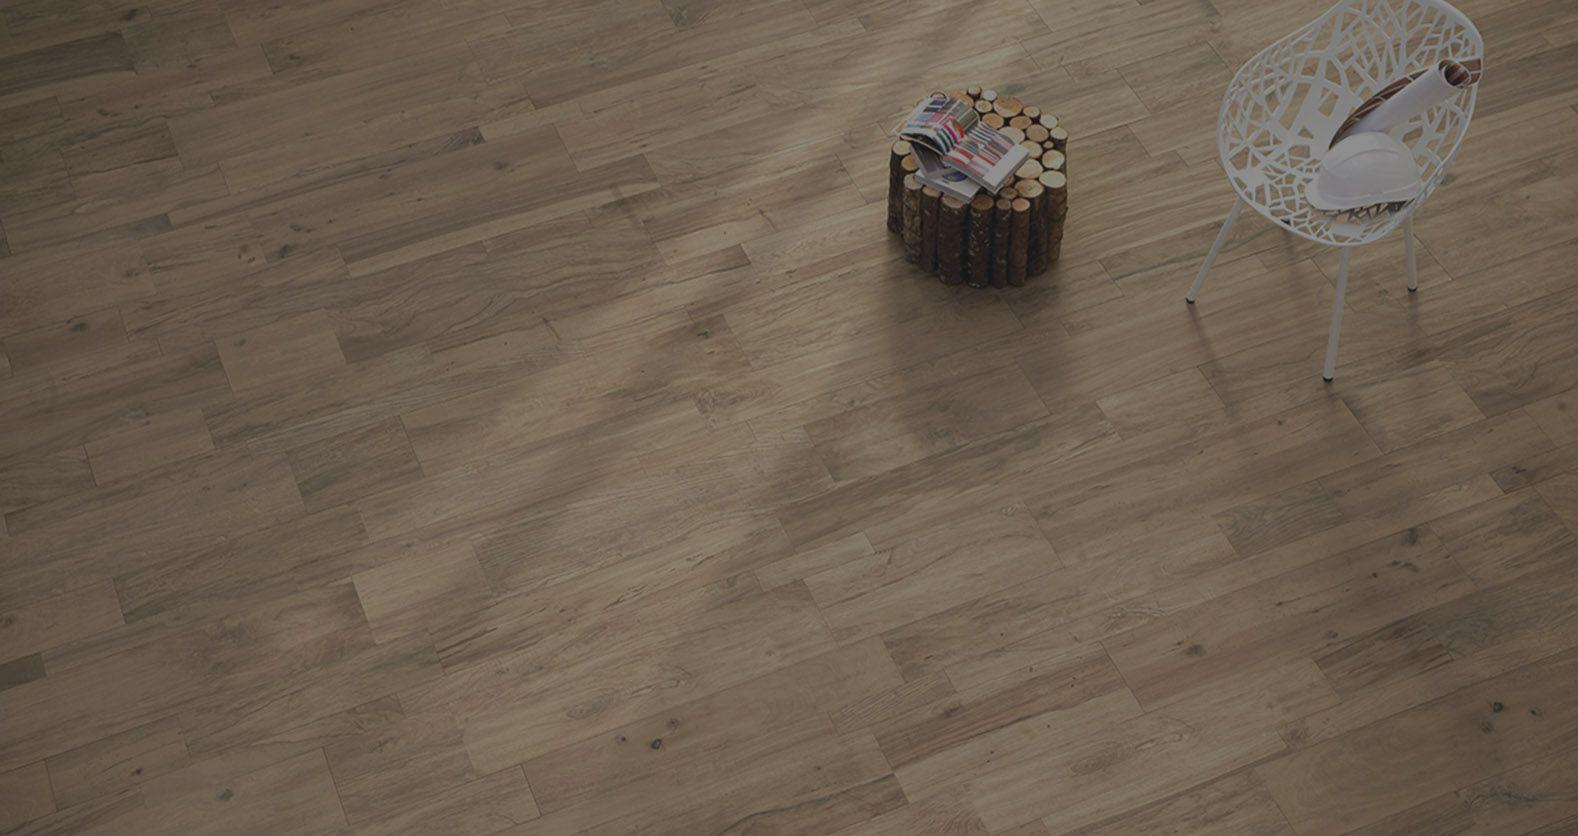 Carrelage Aspect Plancher Brut Interieur Exterieur Smokewood Avec Images Carrelage Imitation Parquet Carreaux De Sol Carrelage